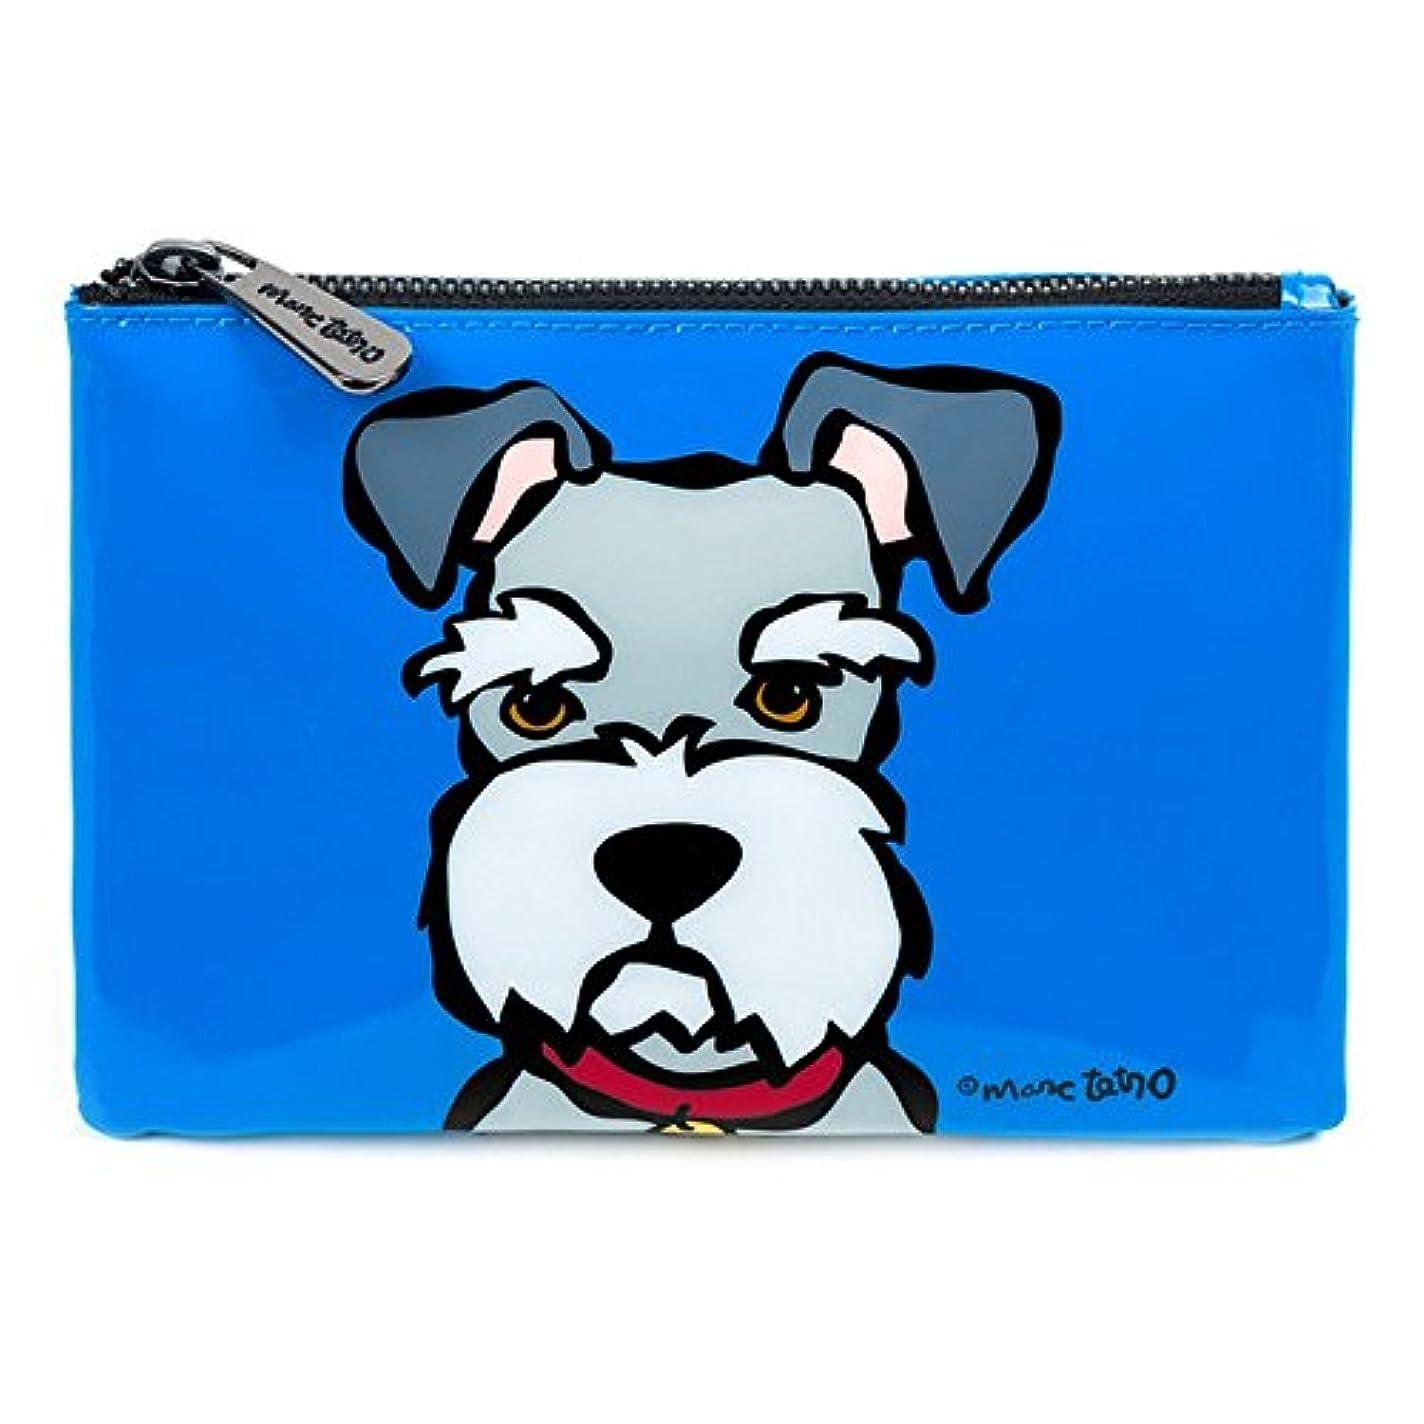 馬鹿げた実験ダムシュナウザー コスメバッグ 防水PVC ファスナー式 化粧ポーチ 小物入れ 13.5cm x 19cm 犬デザイン ミニバッグ Cosmetic Bag